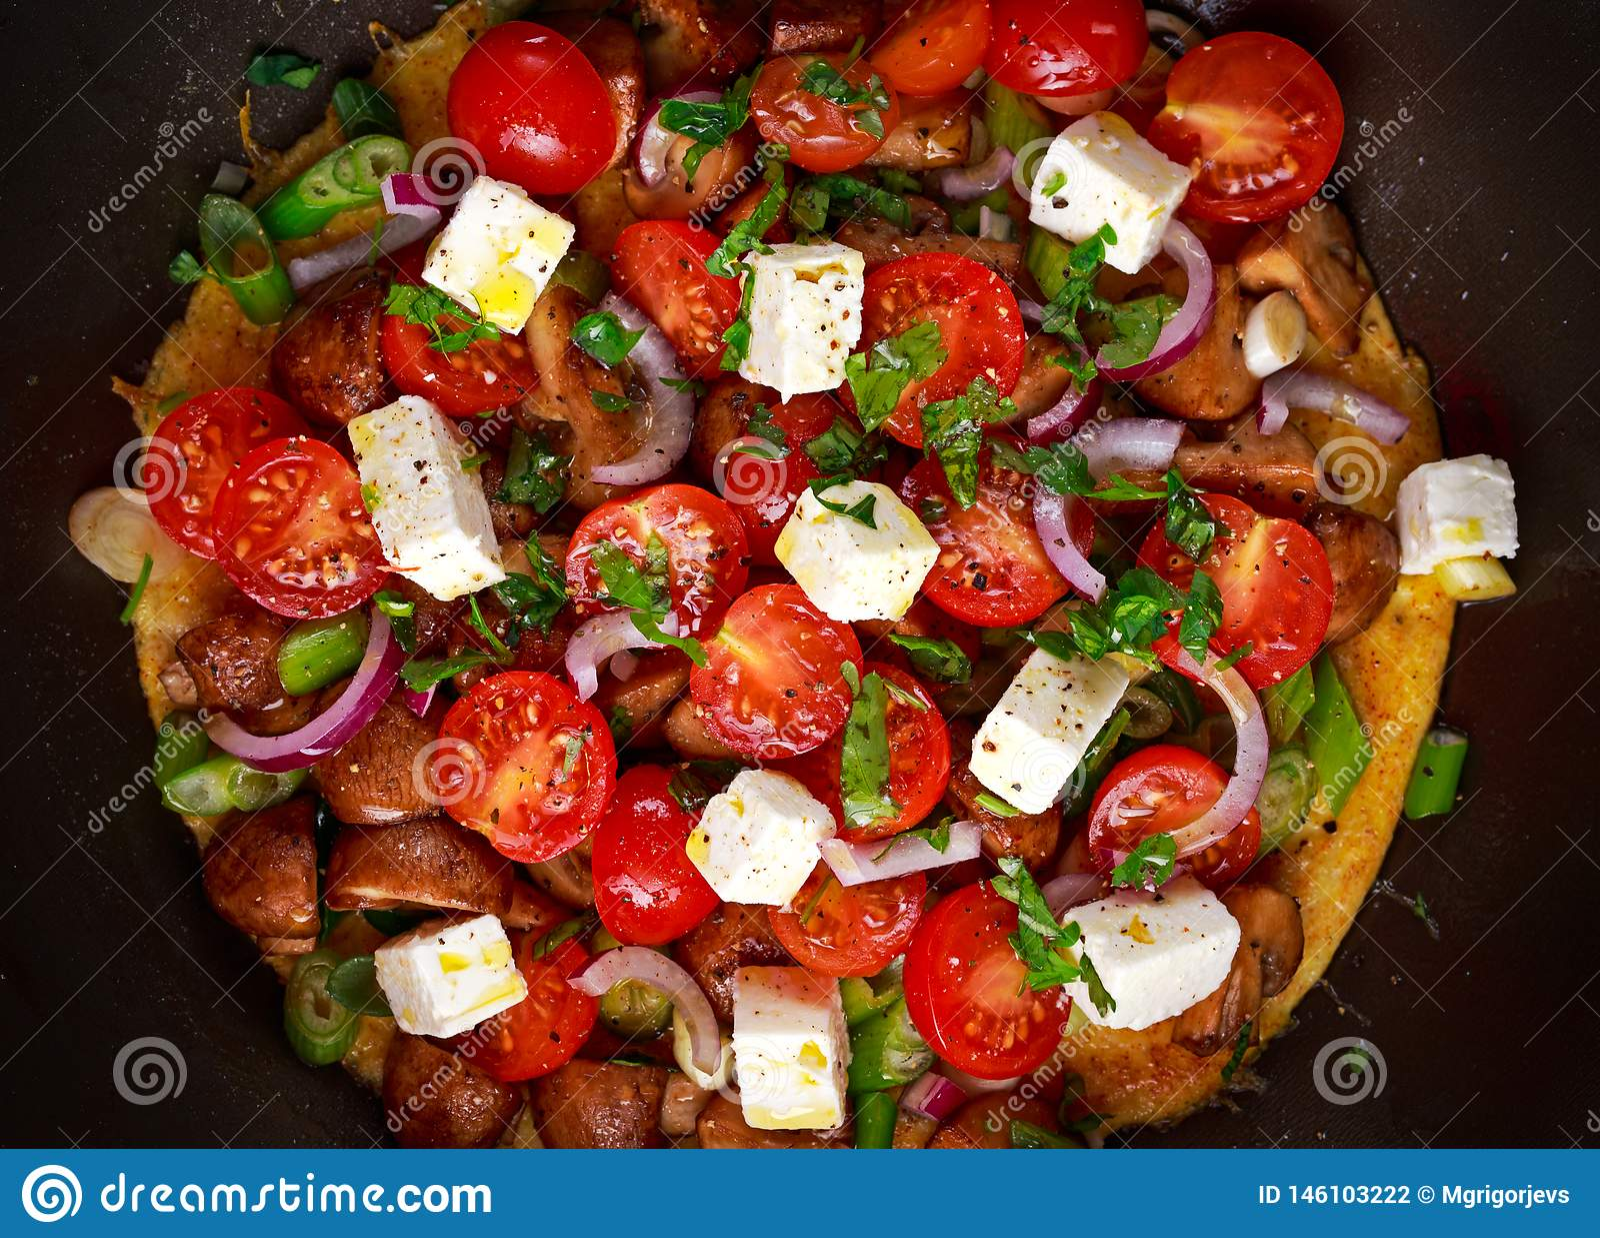 Mediterrane stijlomelet in pan met feta-kaas, kersentomaten, rode uien, paddestoelen, de lenteuien en peterselie